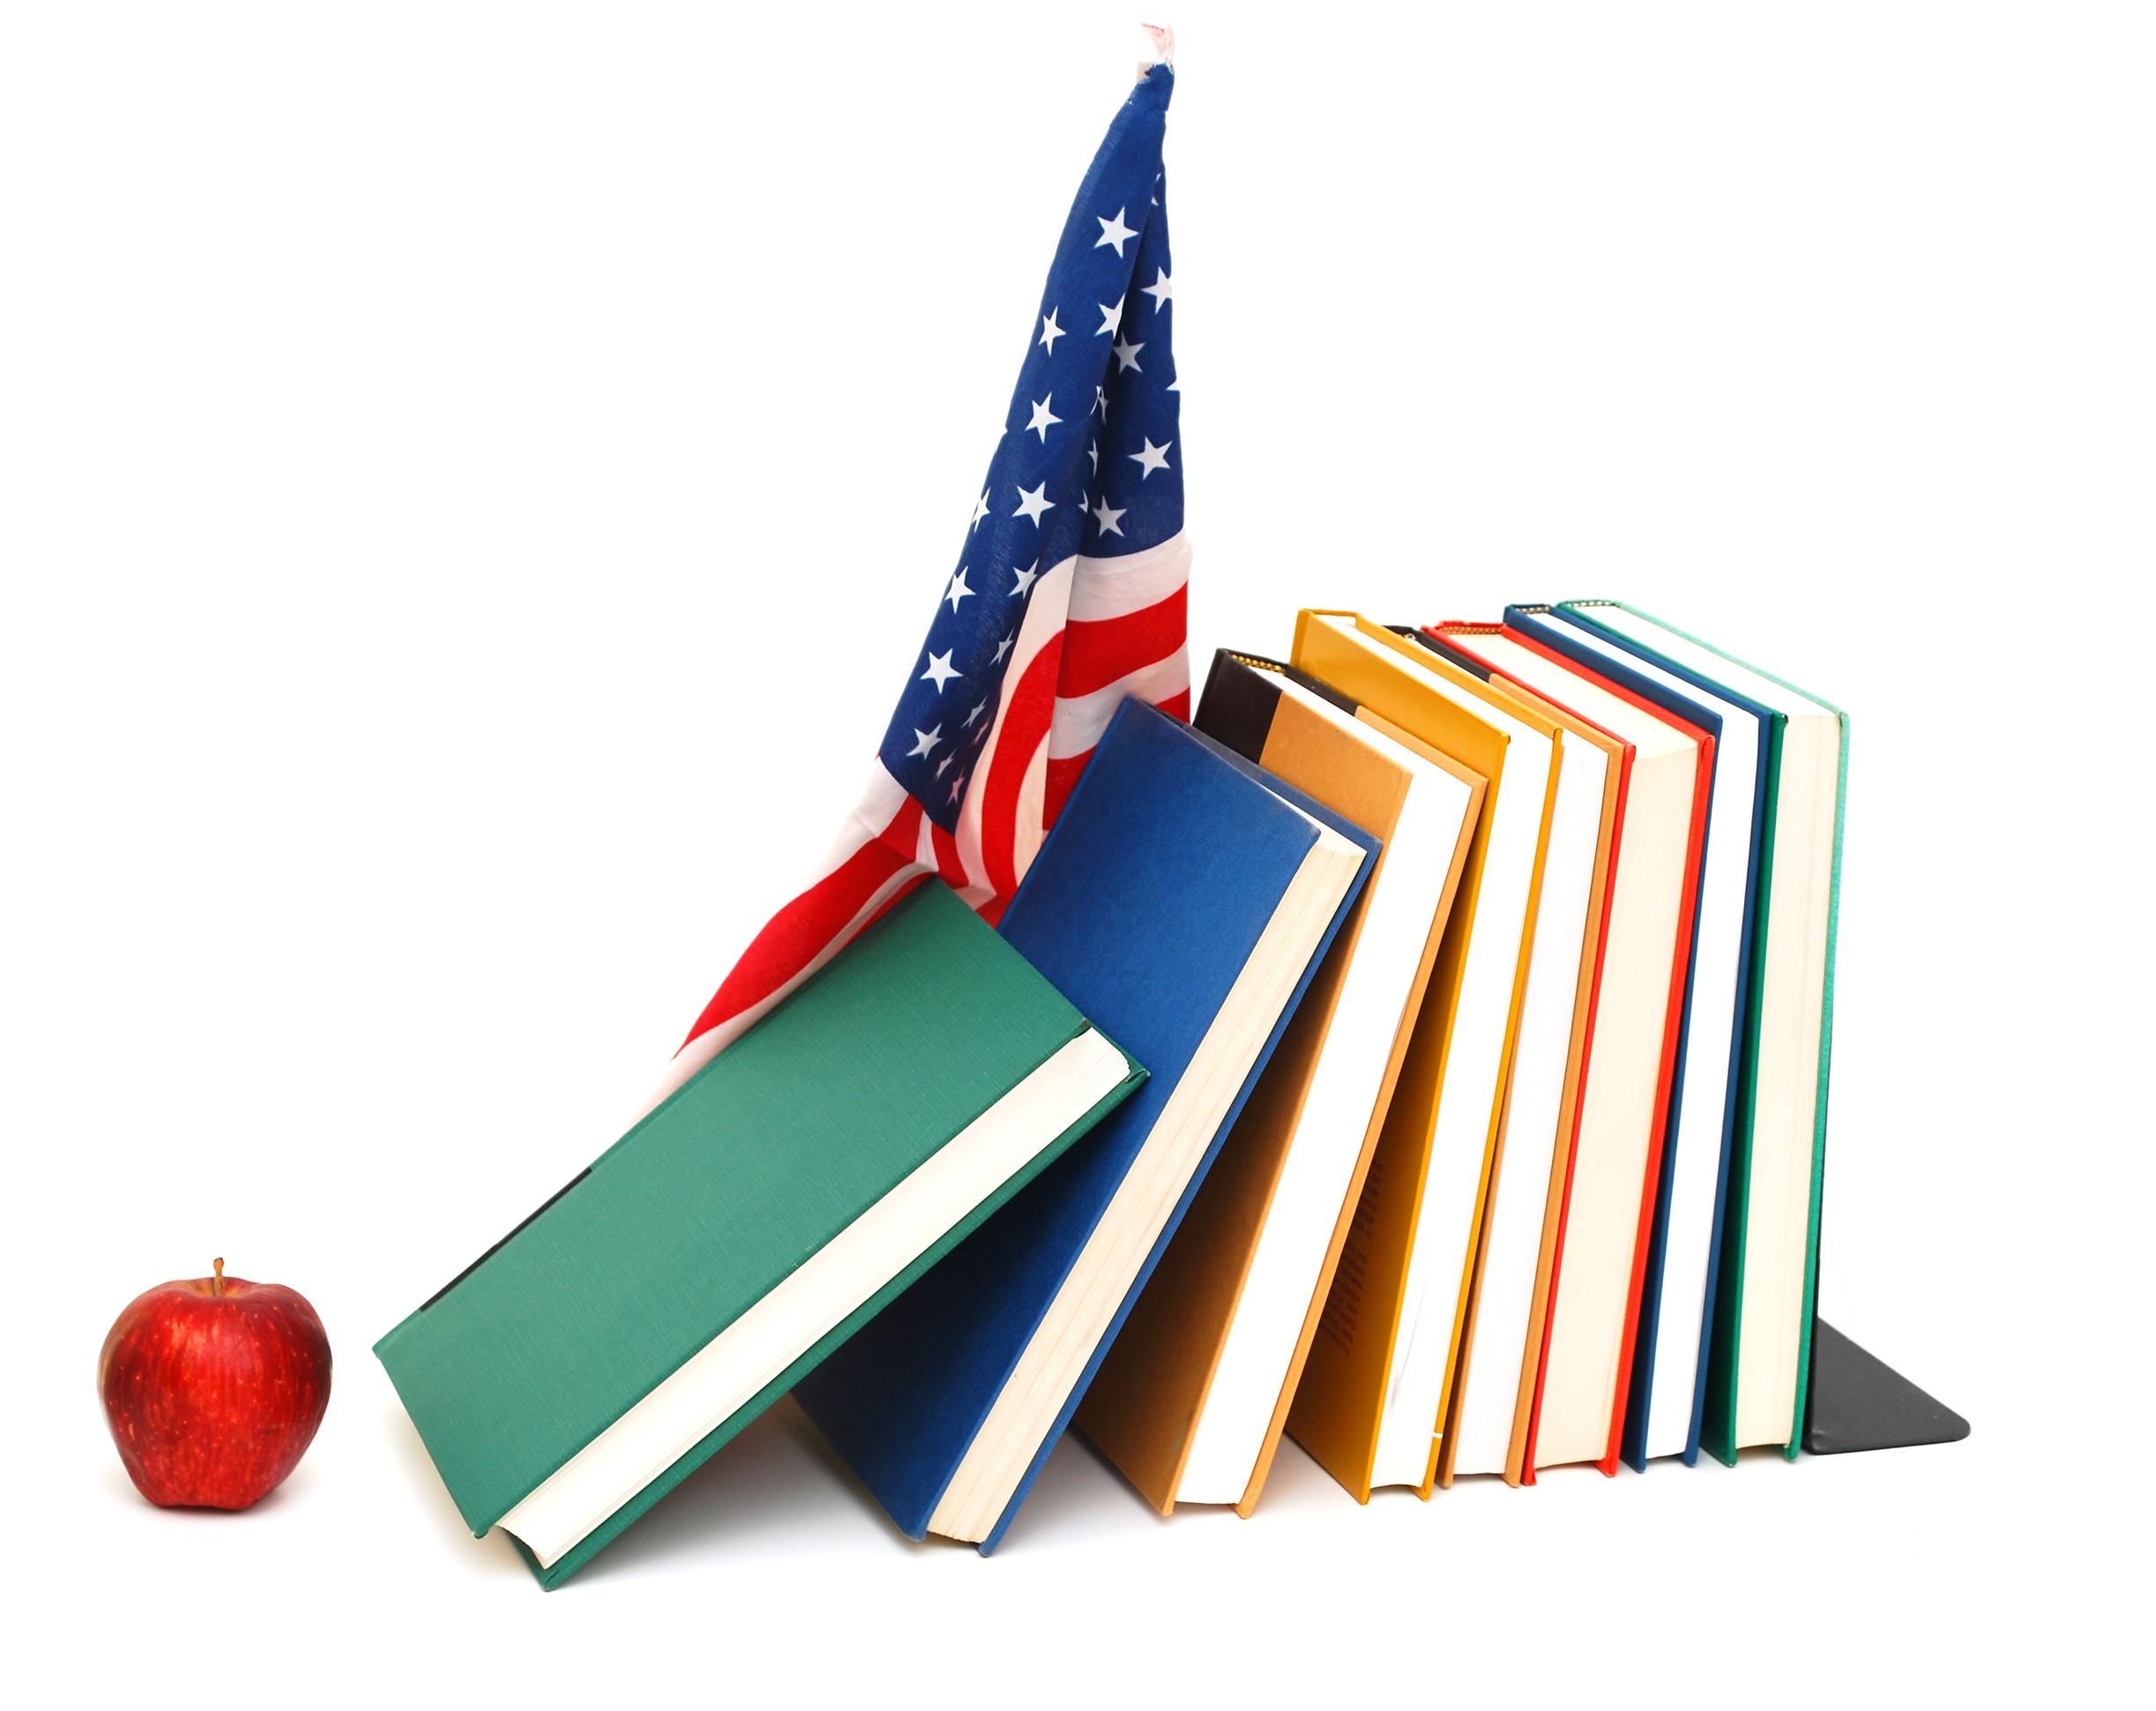 Public Schools Debate Pledge Of Allegiance